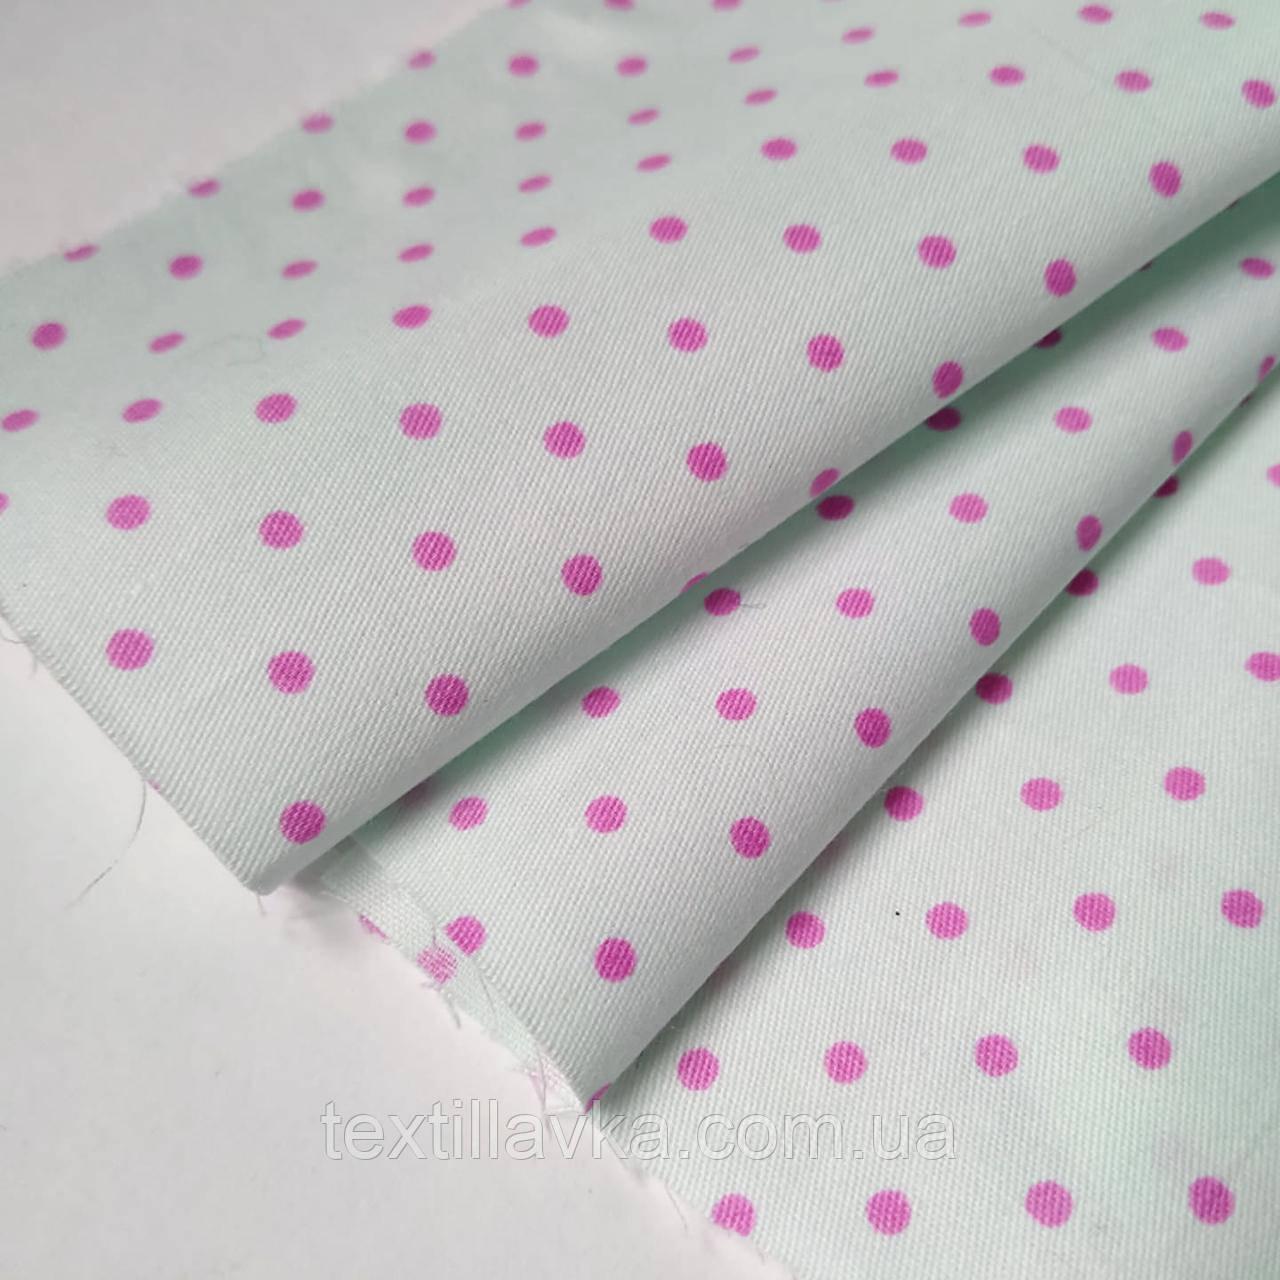 Ткань хлопок для рукоделия горошек розовый на мятном